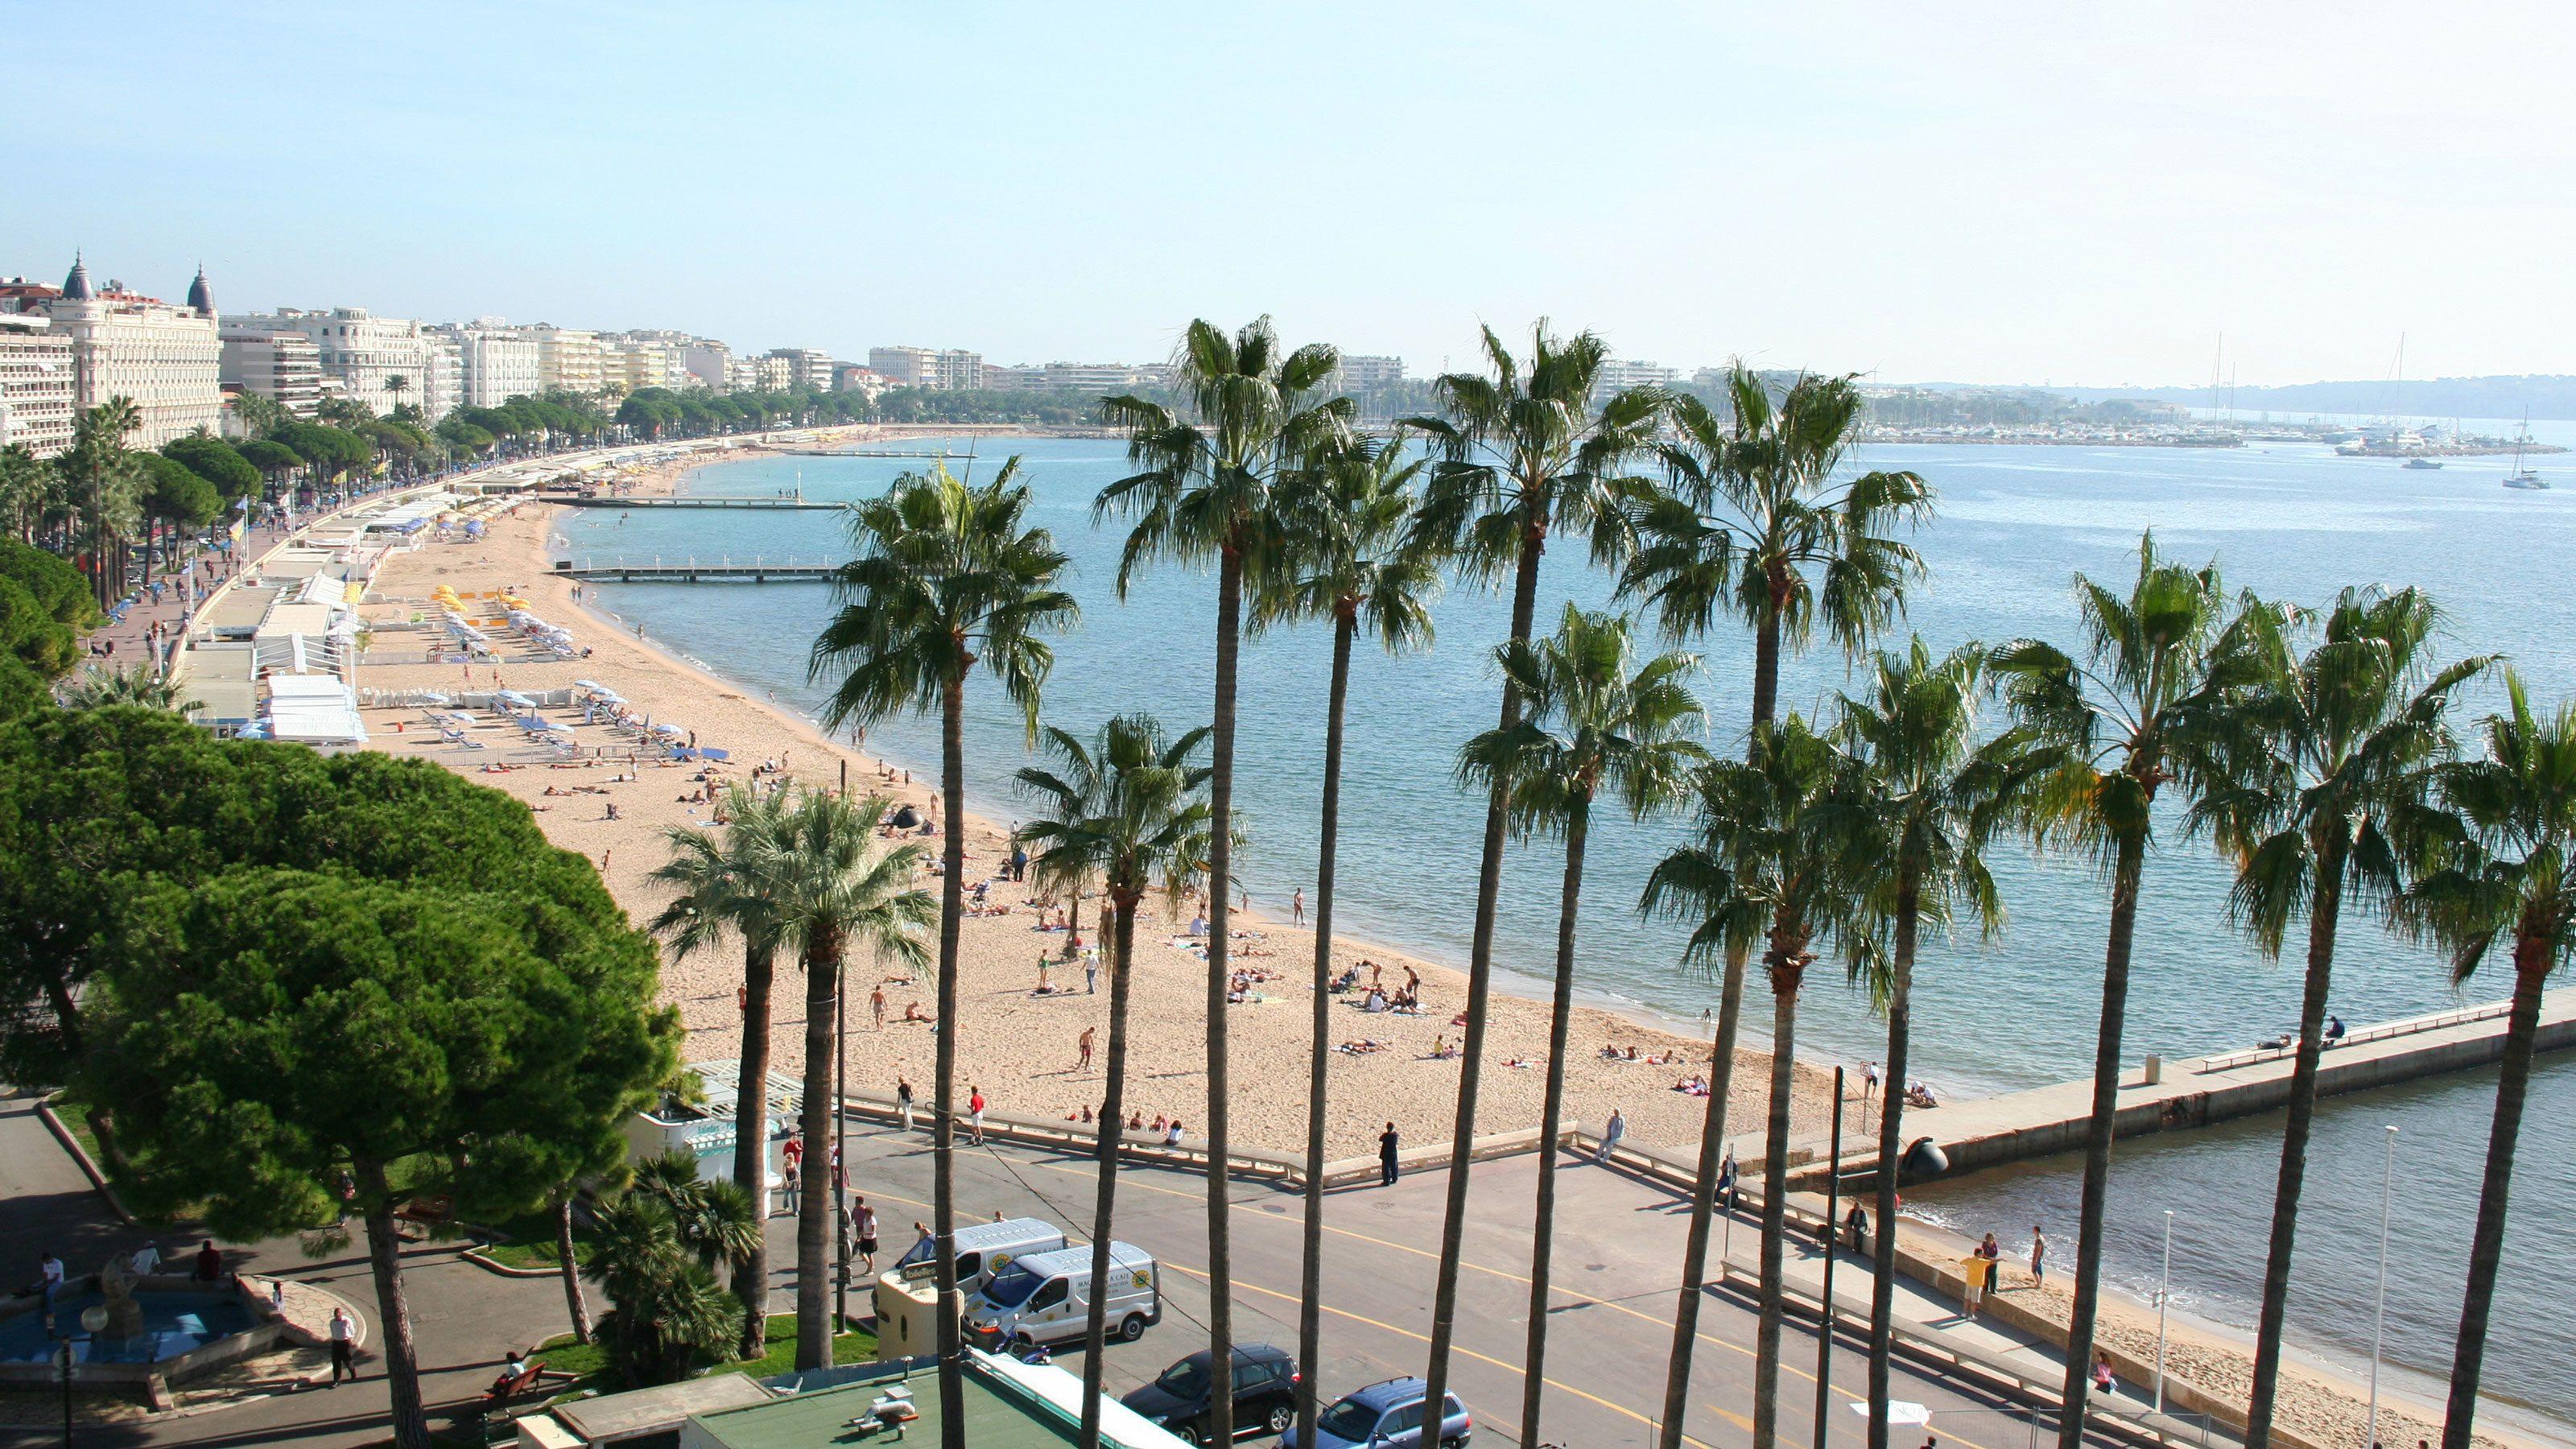 Excursion d'une demi-journée à Cannes, Antibes et Grasse